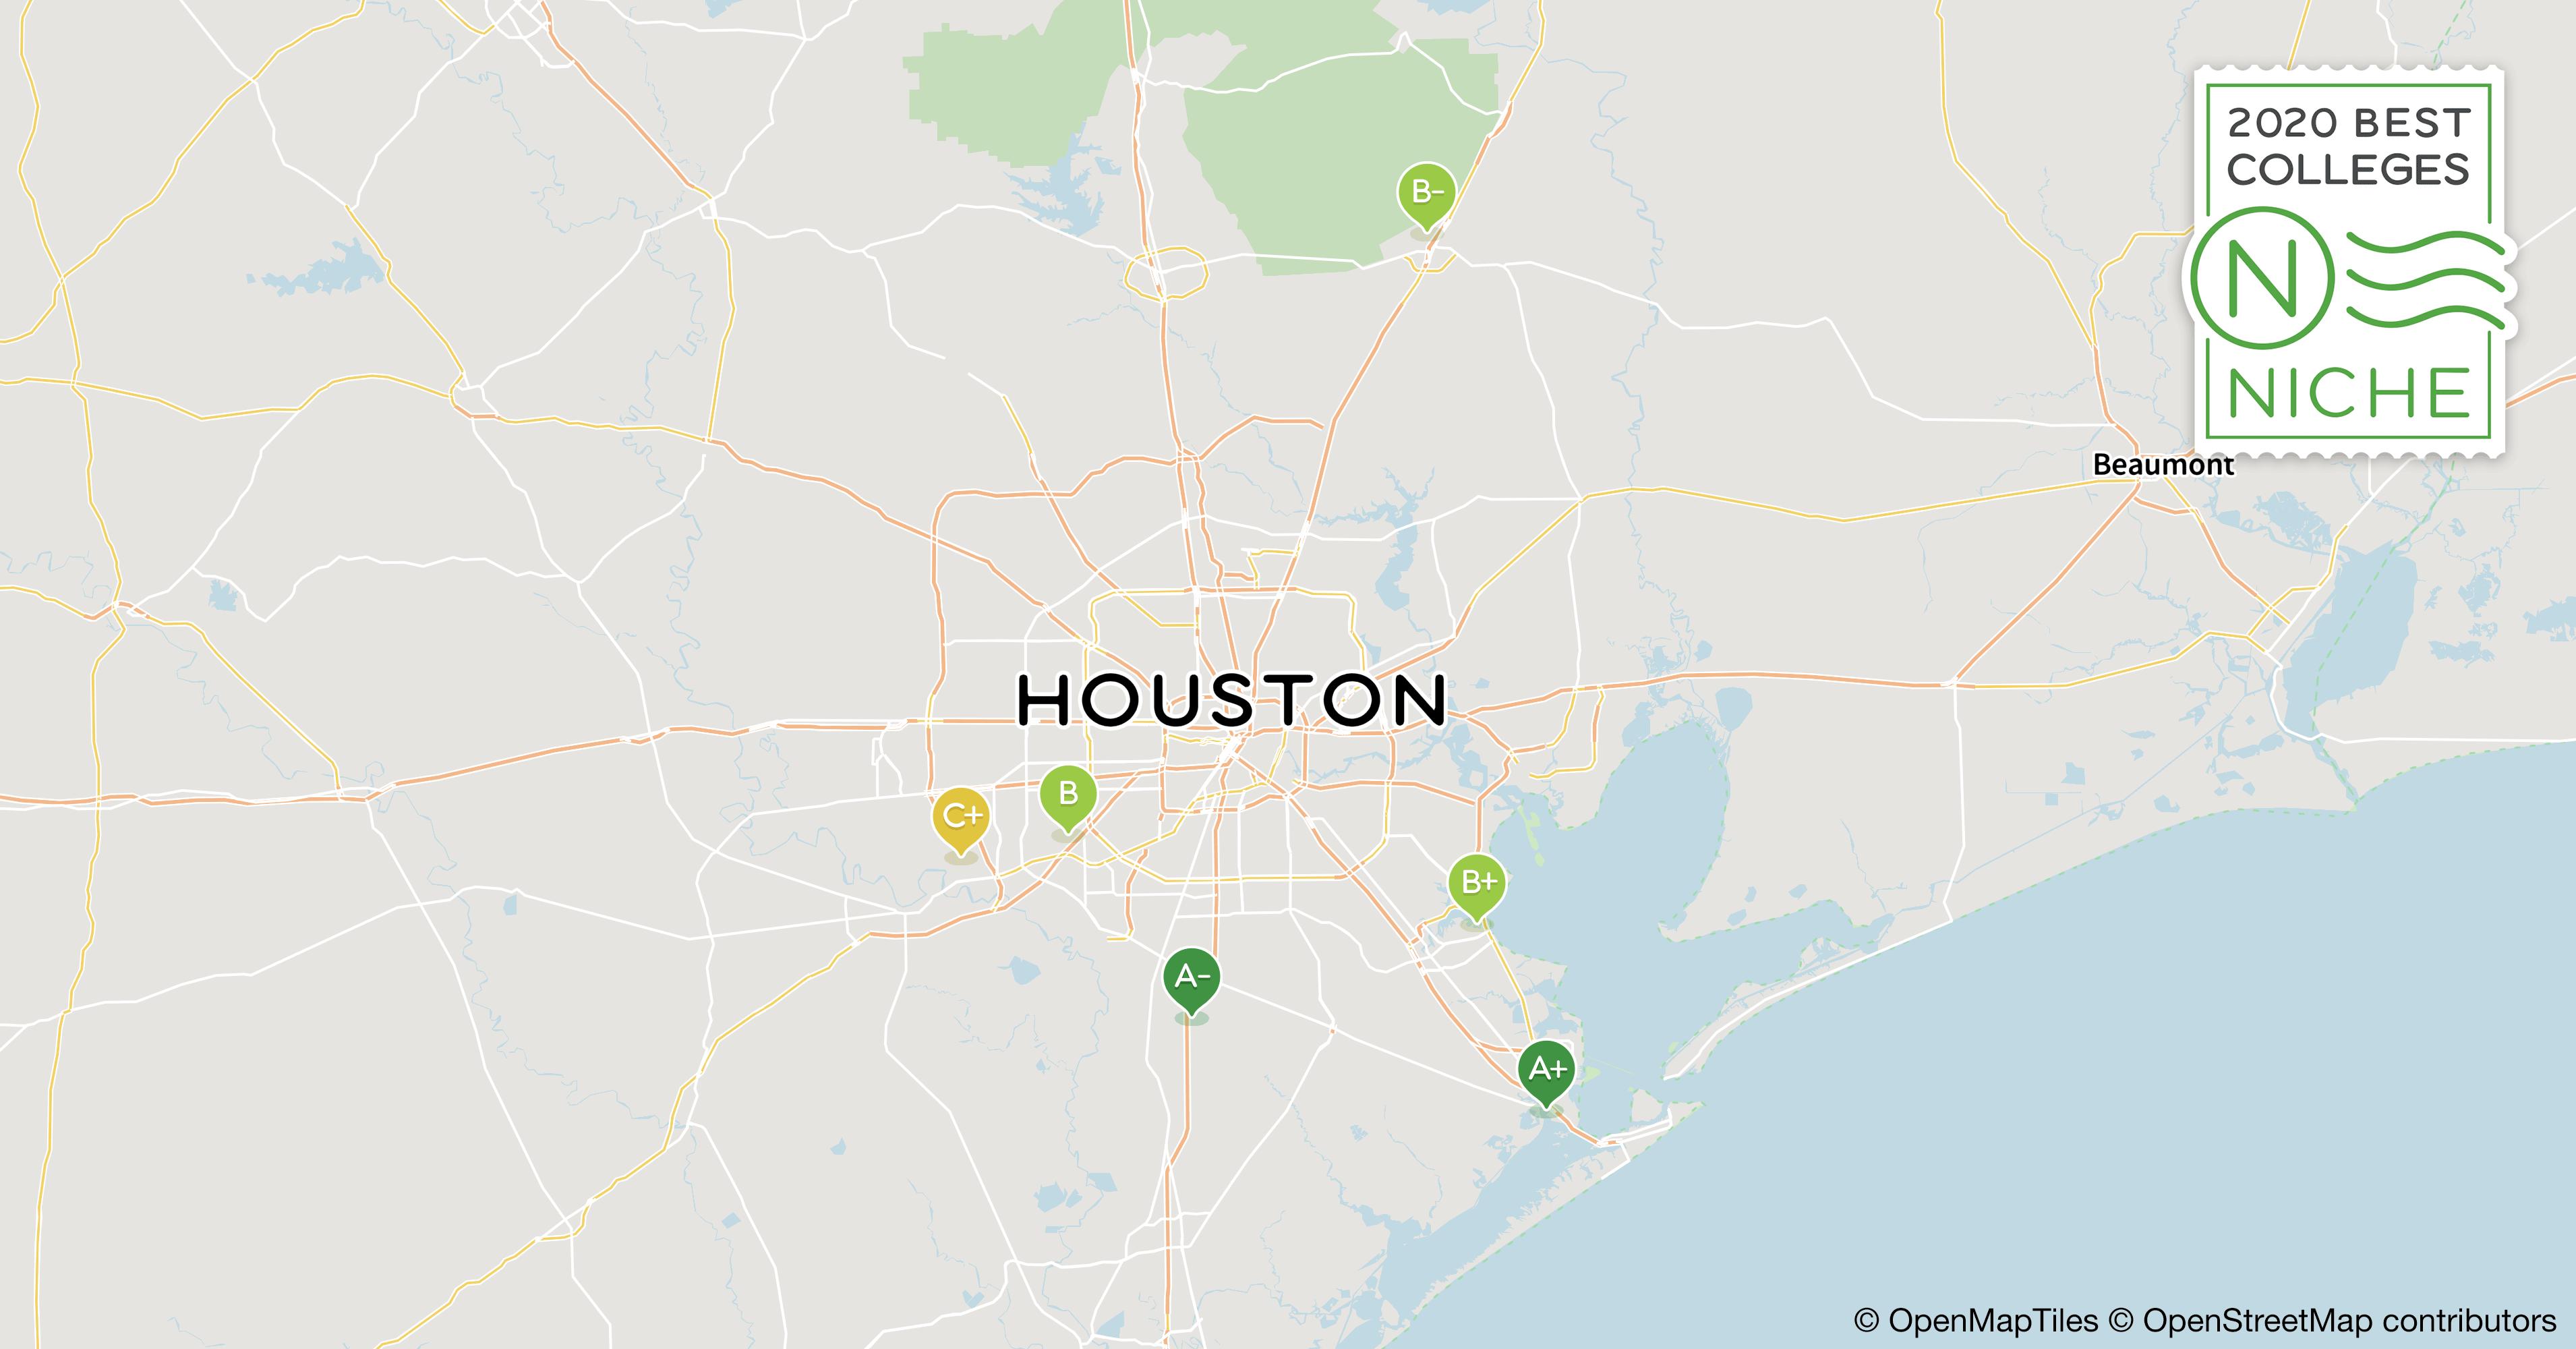 2020 Best Nursing Schools in Houston Area - Niche